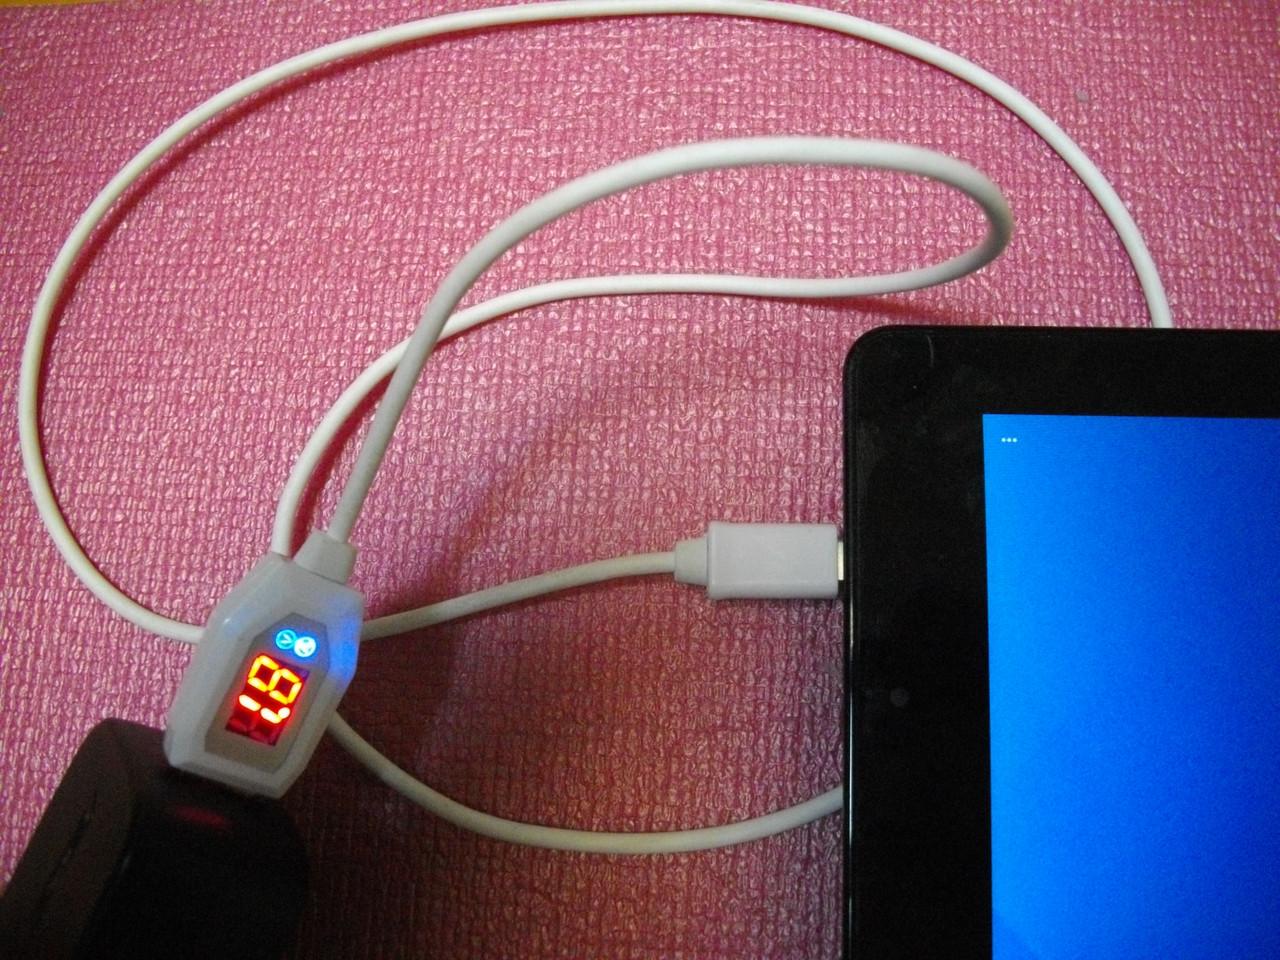 Кабель провід для зарядки планшетів і телефонів USB MicroUSB